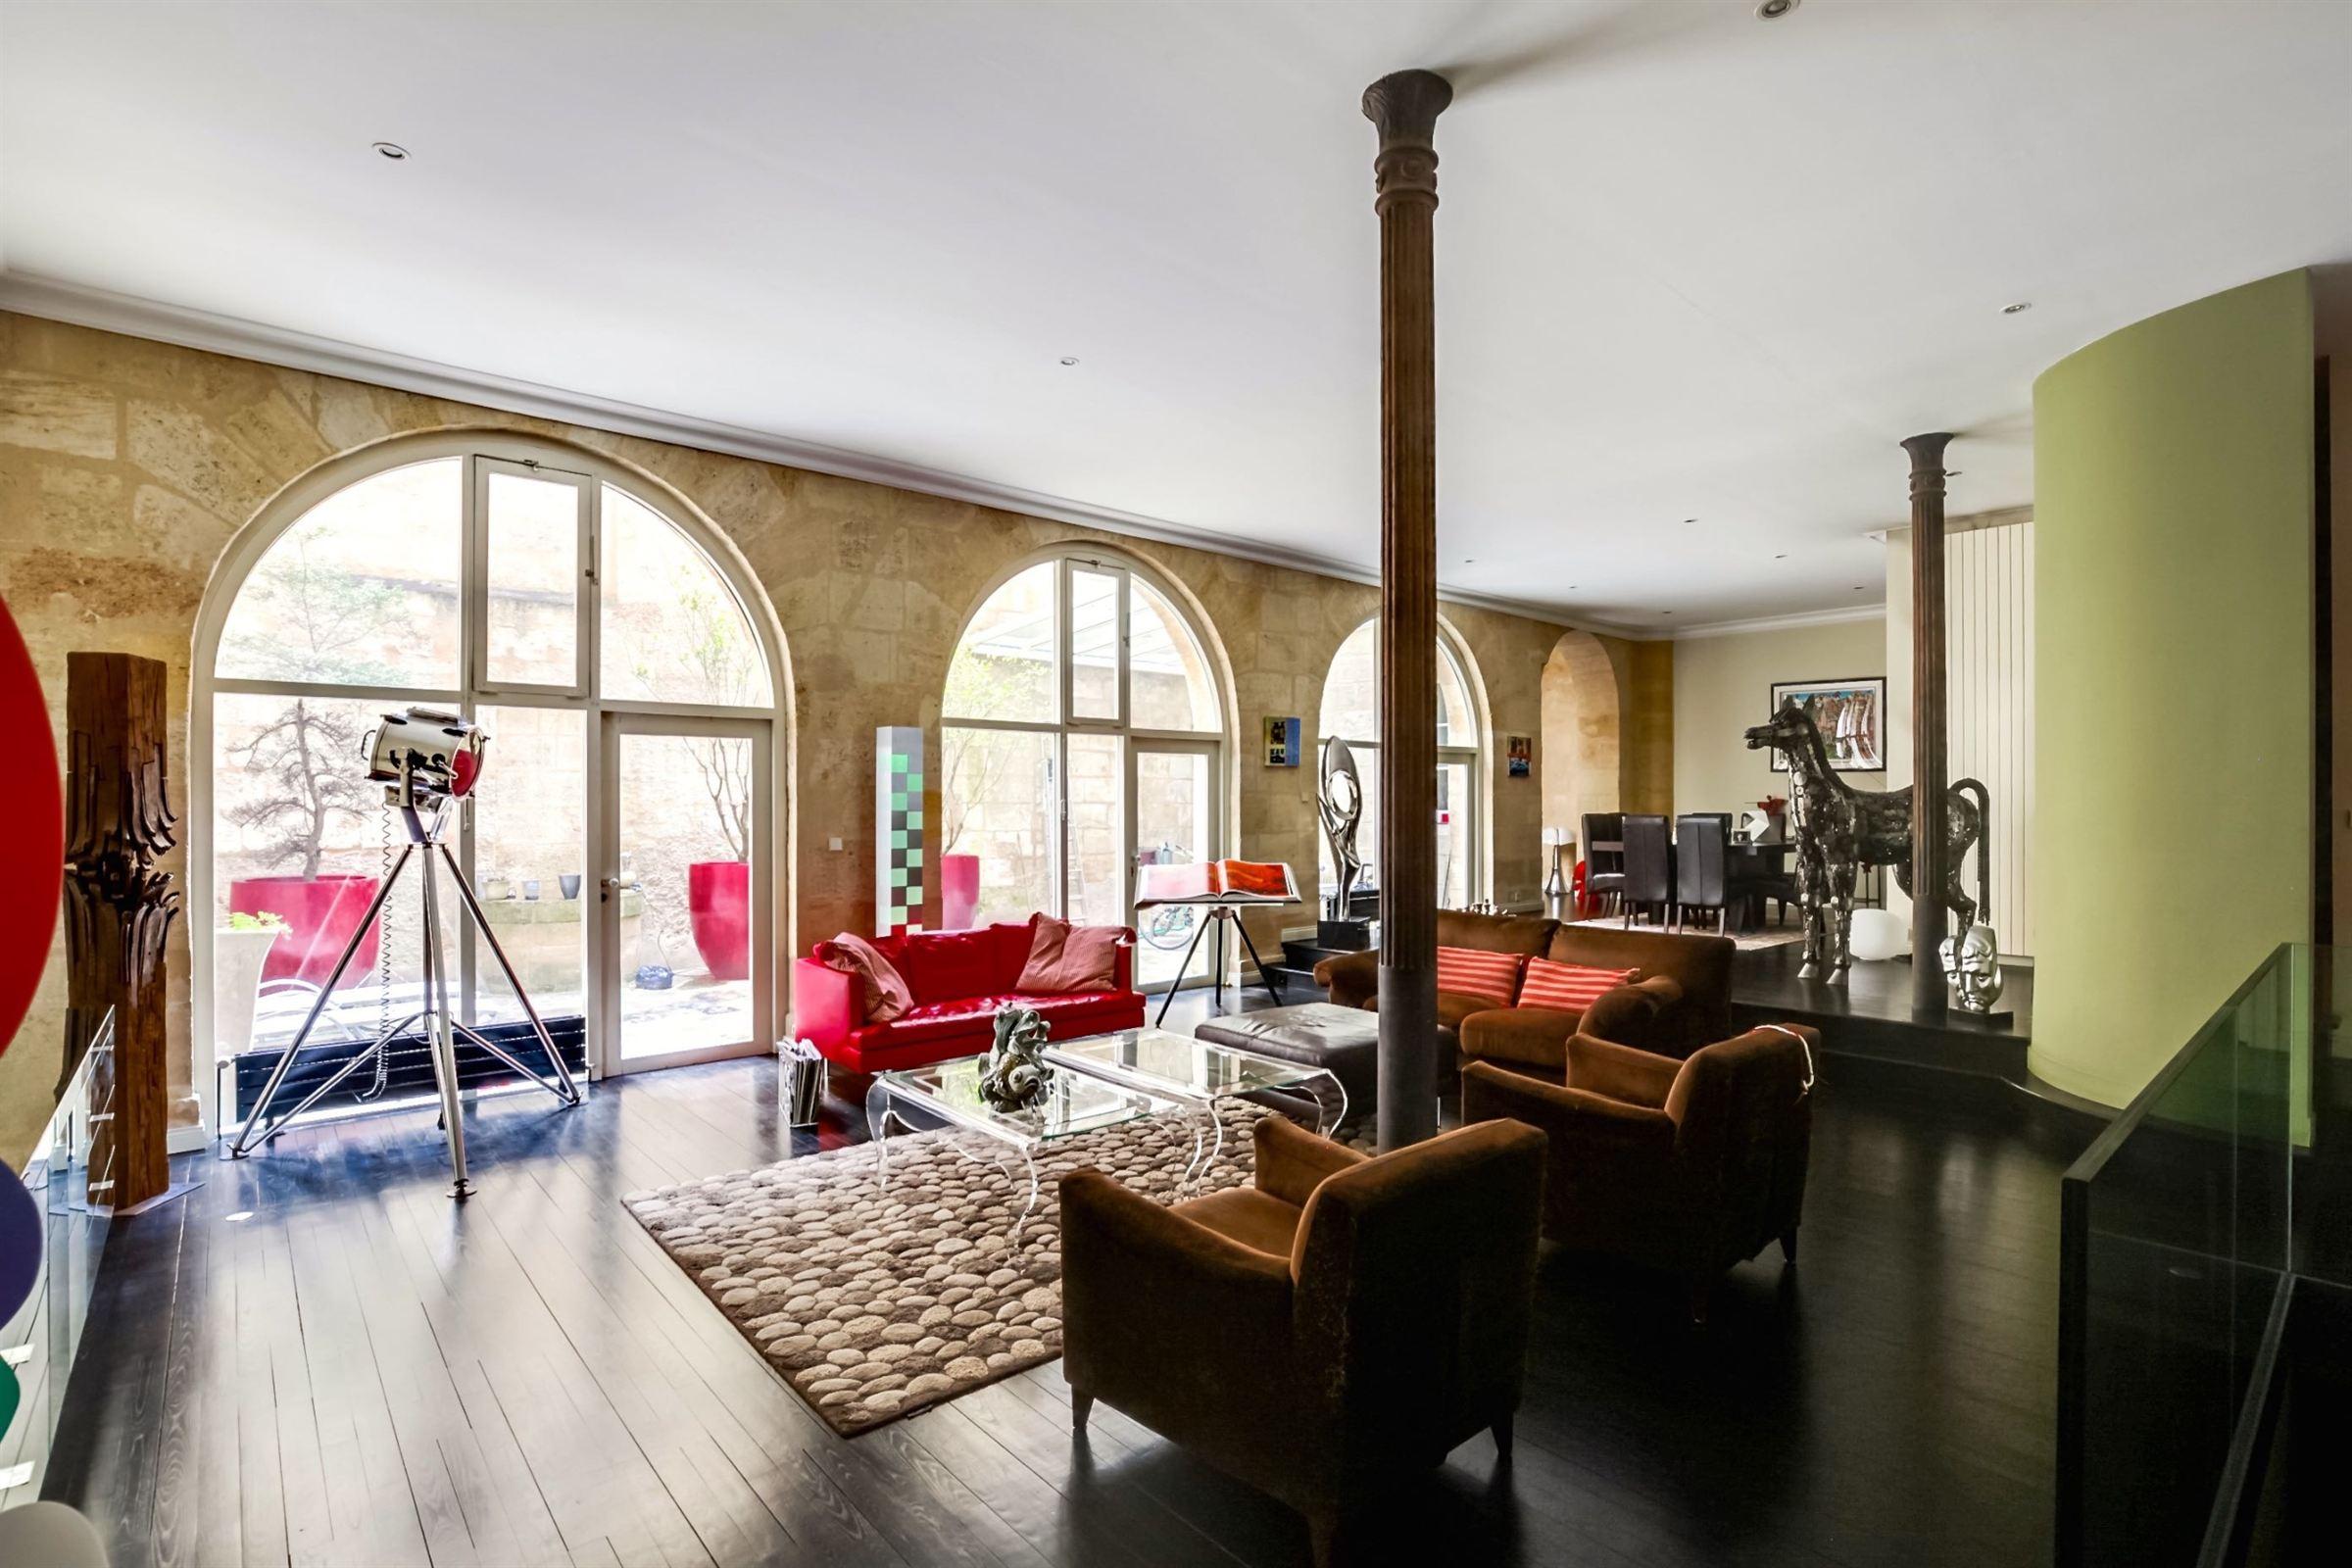 아파트 용 매매 에 DOWNTOWN BORDEAUX - VAST 4 BEDROOM DUPLEX WITH 2 TERRACES AND PARKING SPACES Bordeaux, 아키텐주, 33000 프랑스